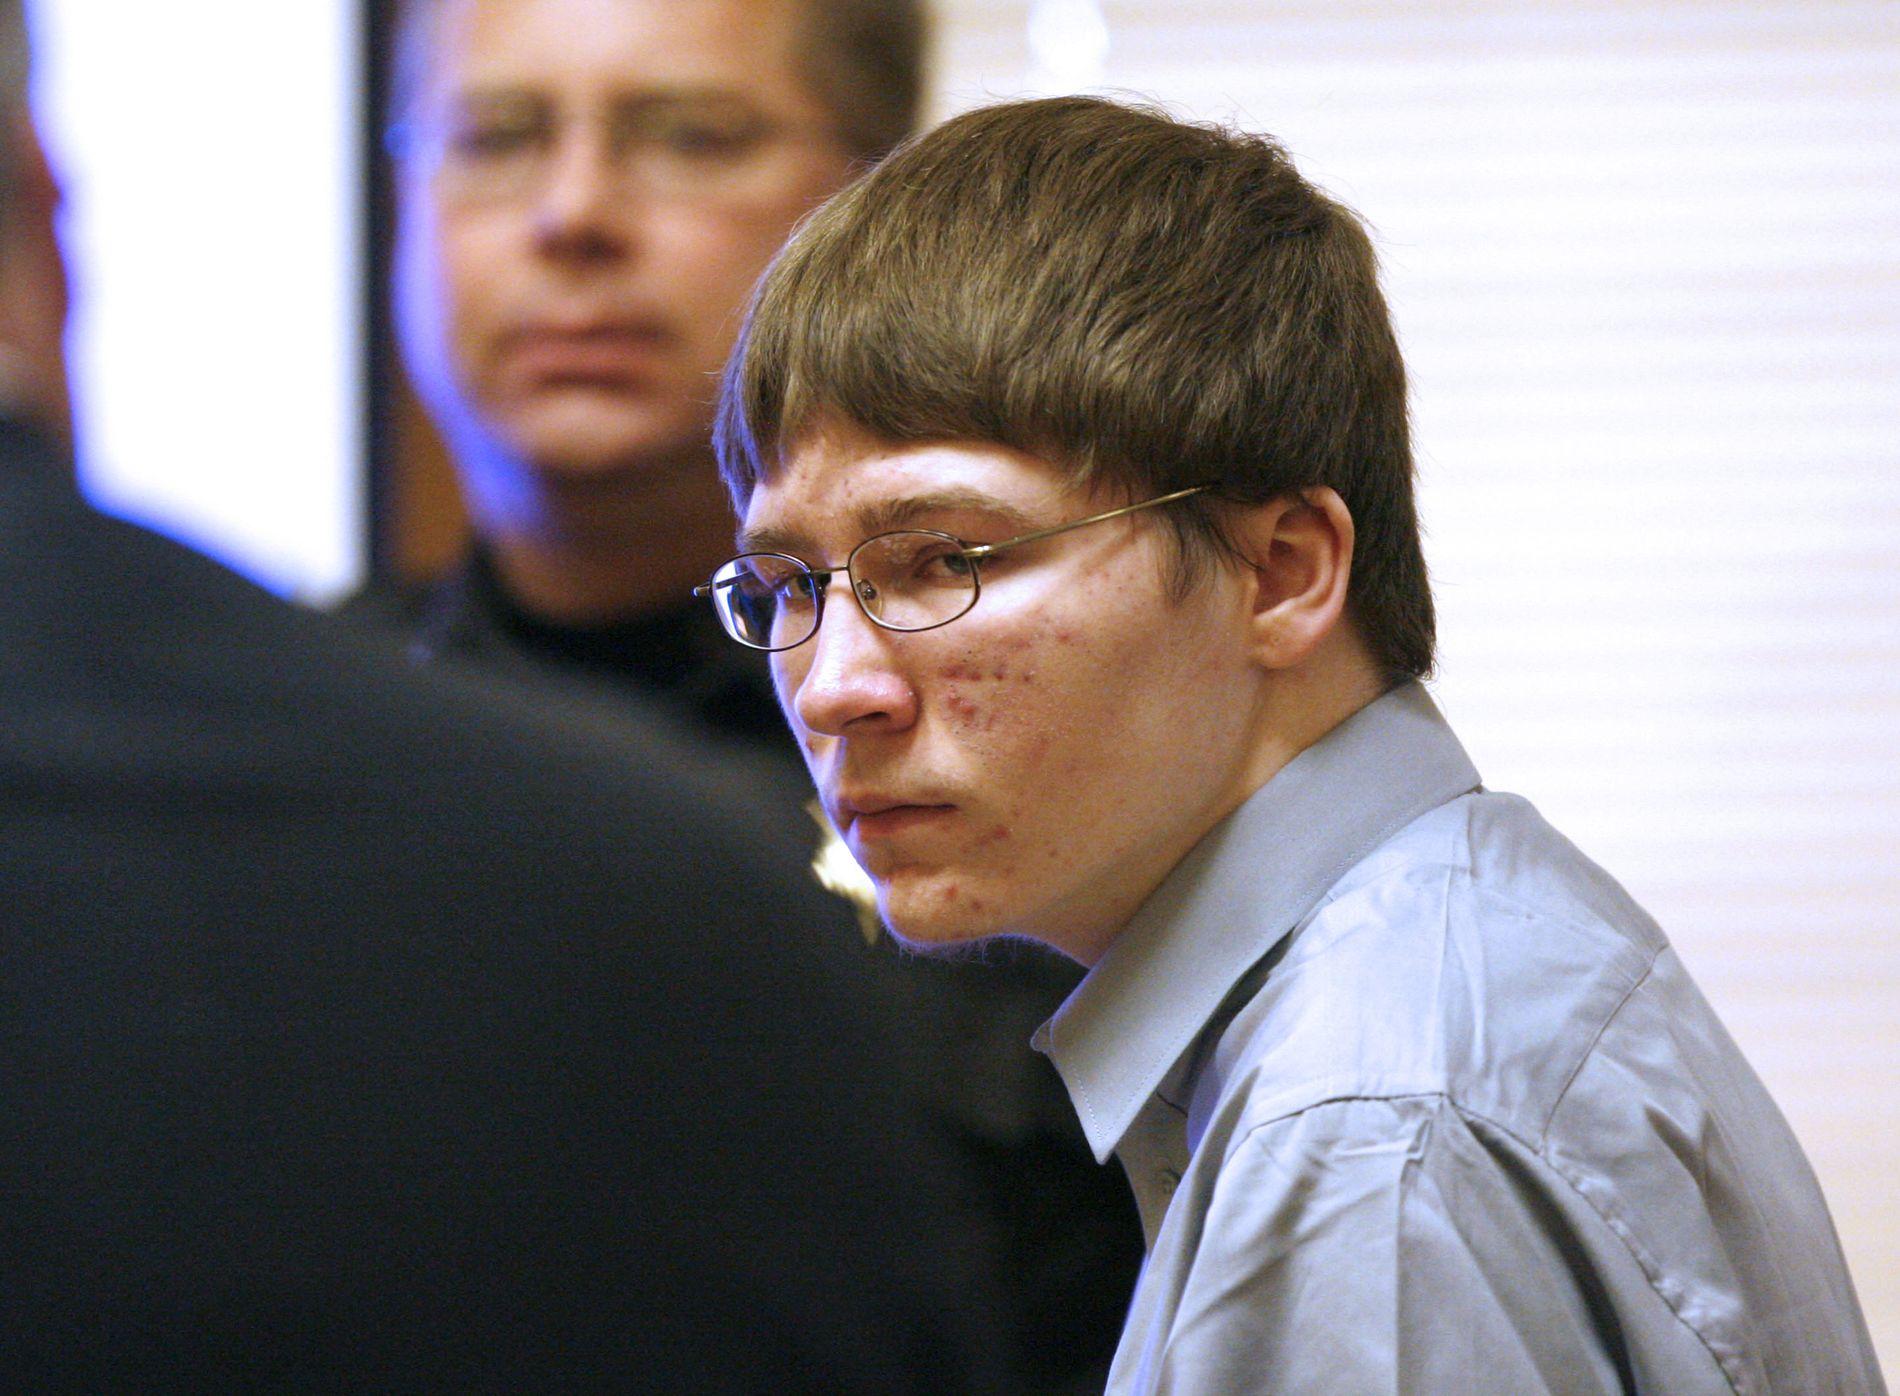 FORTSATT I FENGSEL: På tross av at dommen mot nå 27 år gamle Brendan Dassey er opphevet, sitter han fortsatt inne, ti år etter mordet på Teresa Halbach.